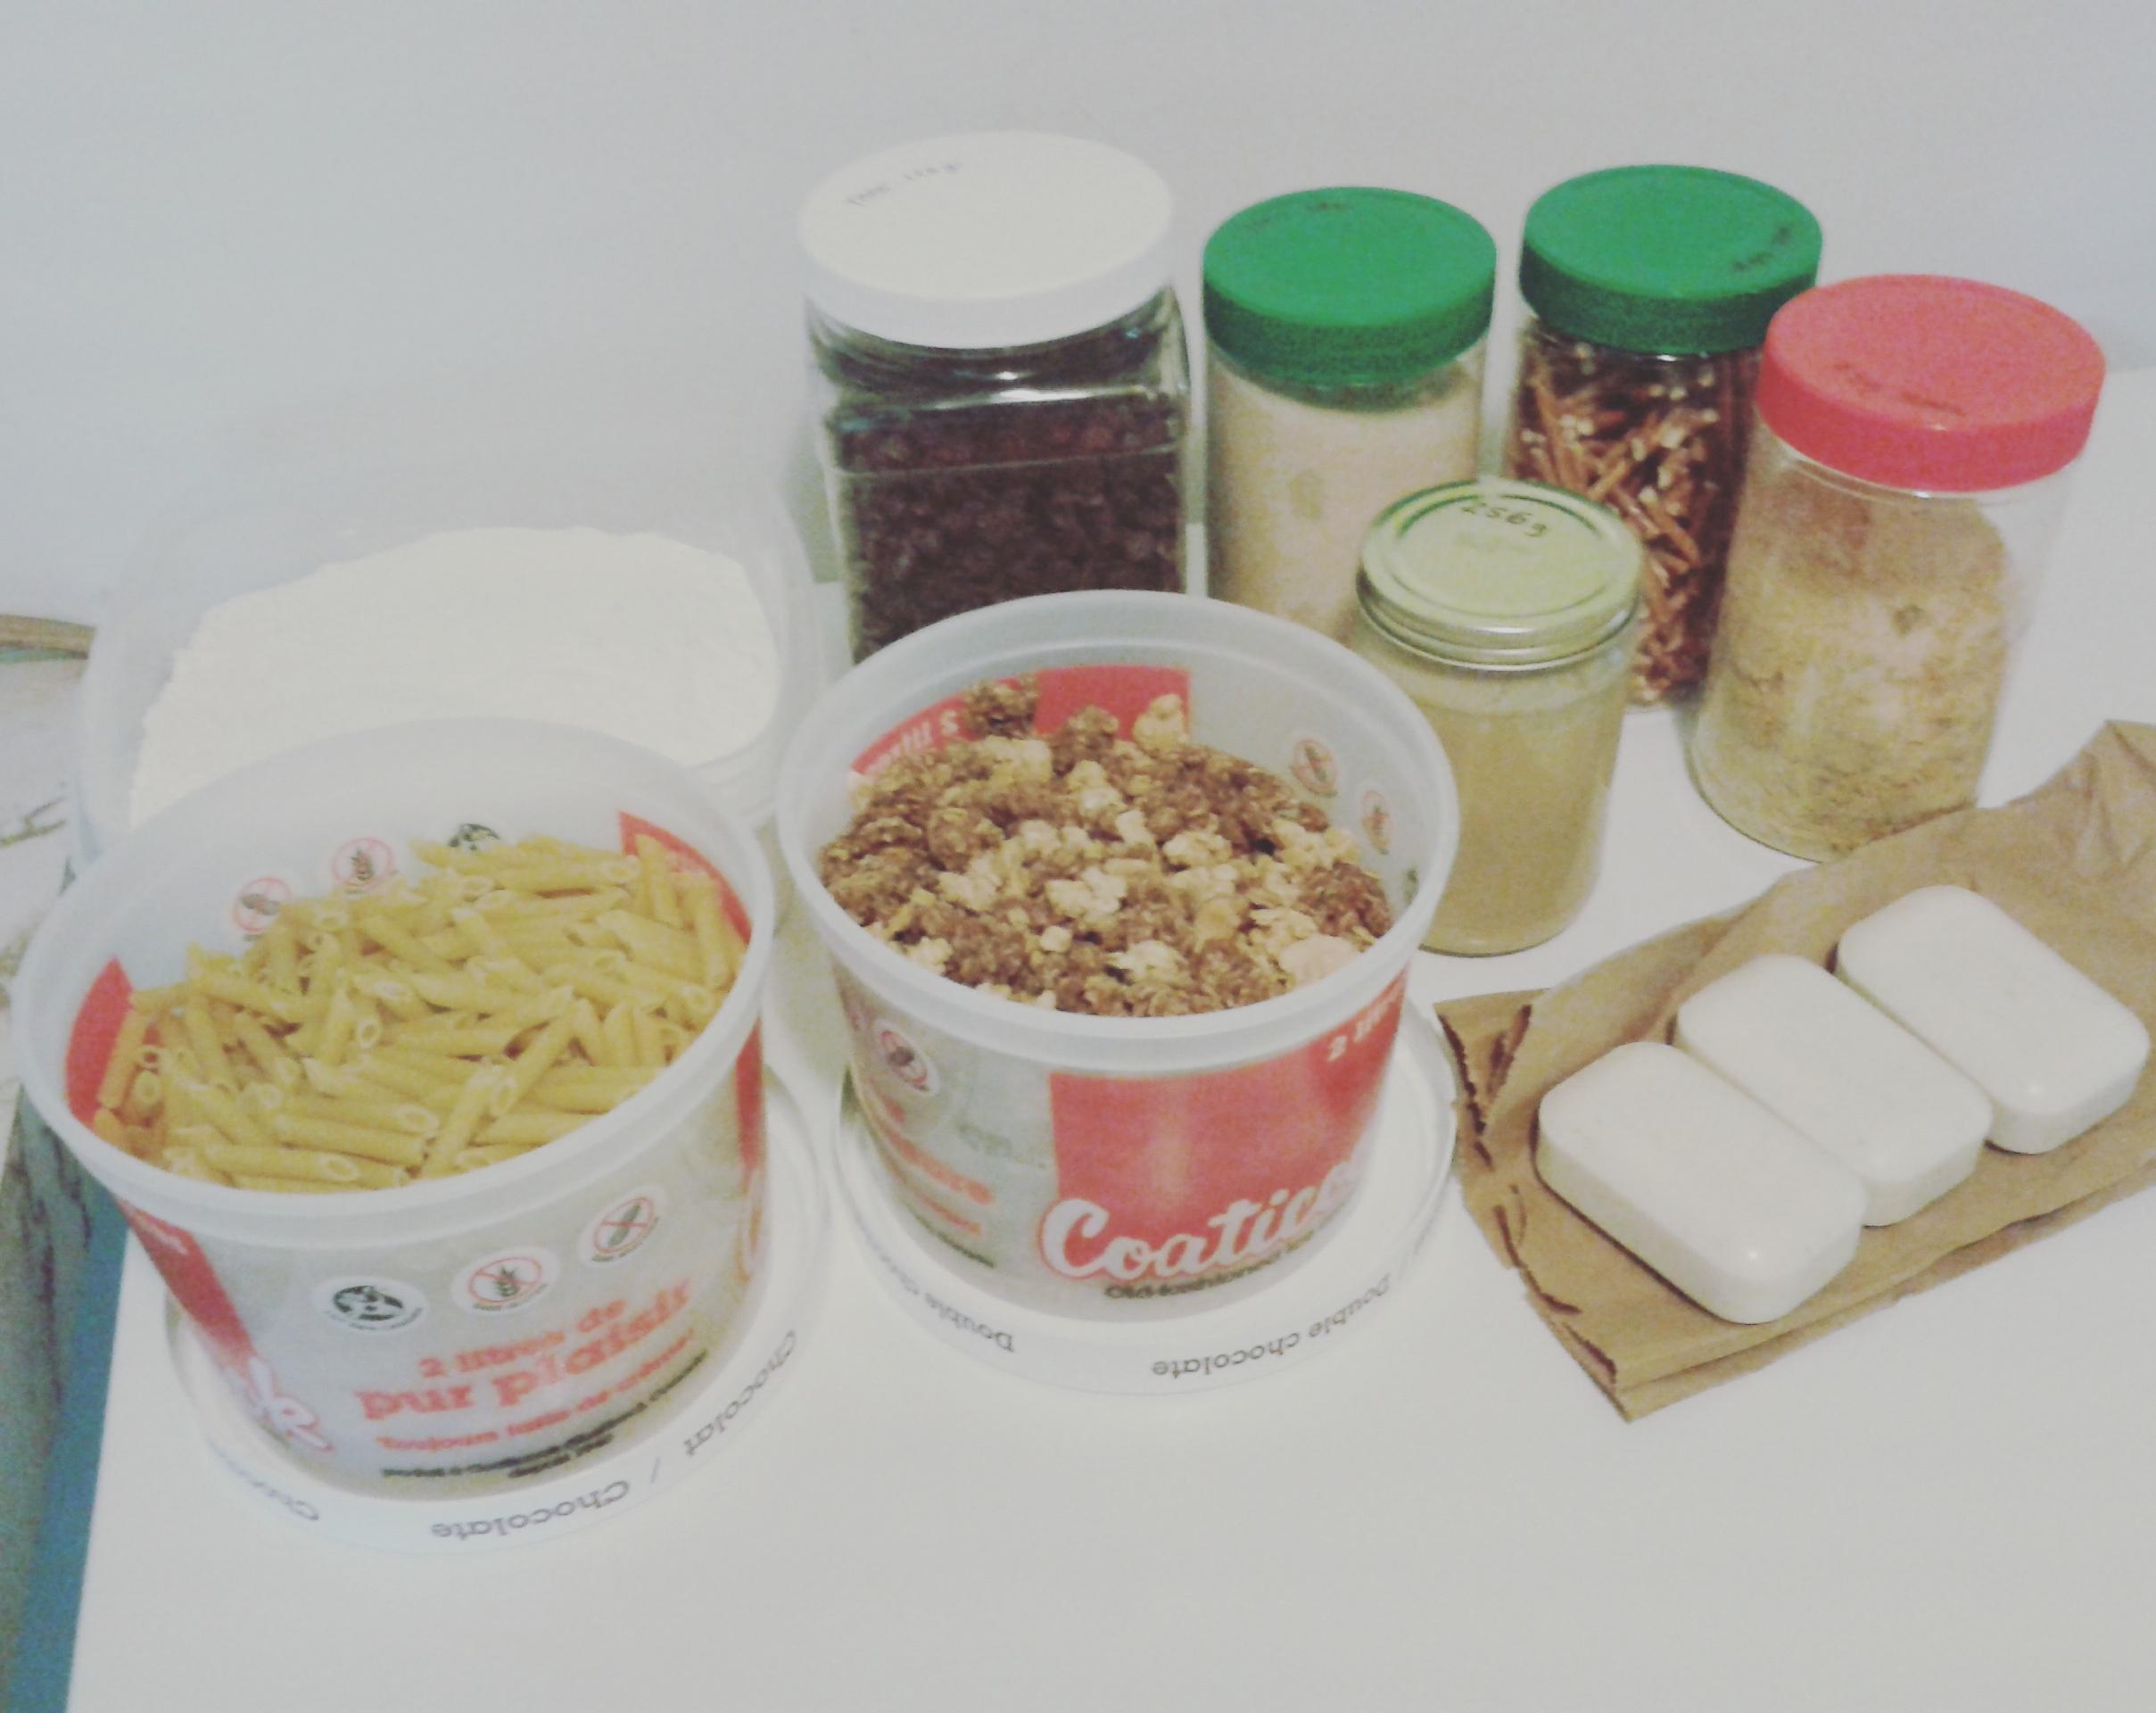 Farine blanche tout-usage, penne, céréales (type granola), pépites de chocolat pur, sucre de canne roux bio, tahini, bretzels, levure alimentaire et 3 savons de The Soap Works; le tout pour 56.78$ (après le 15% de rabais).